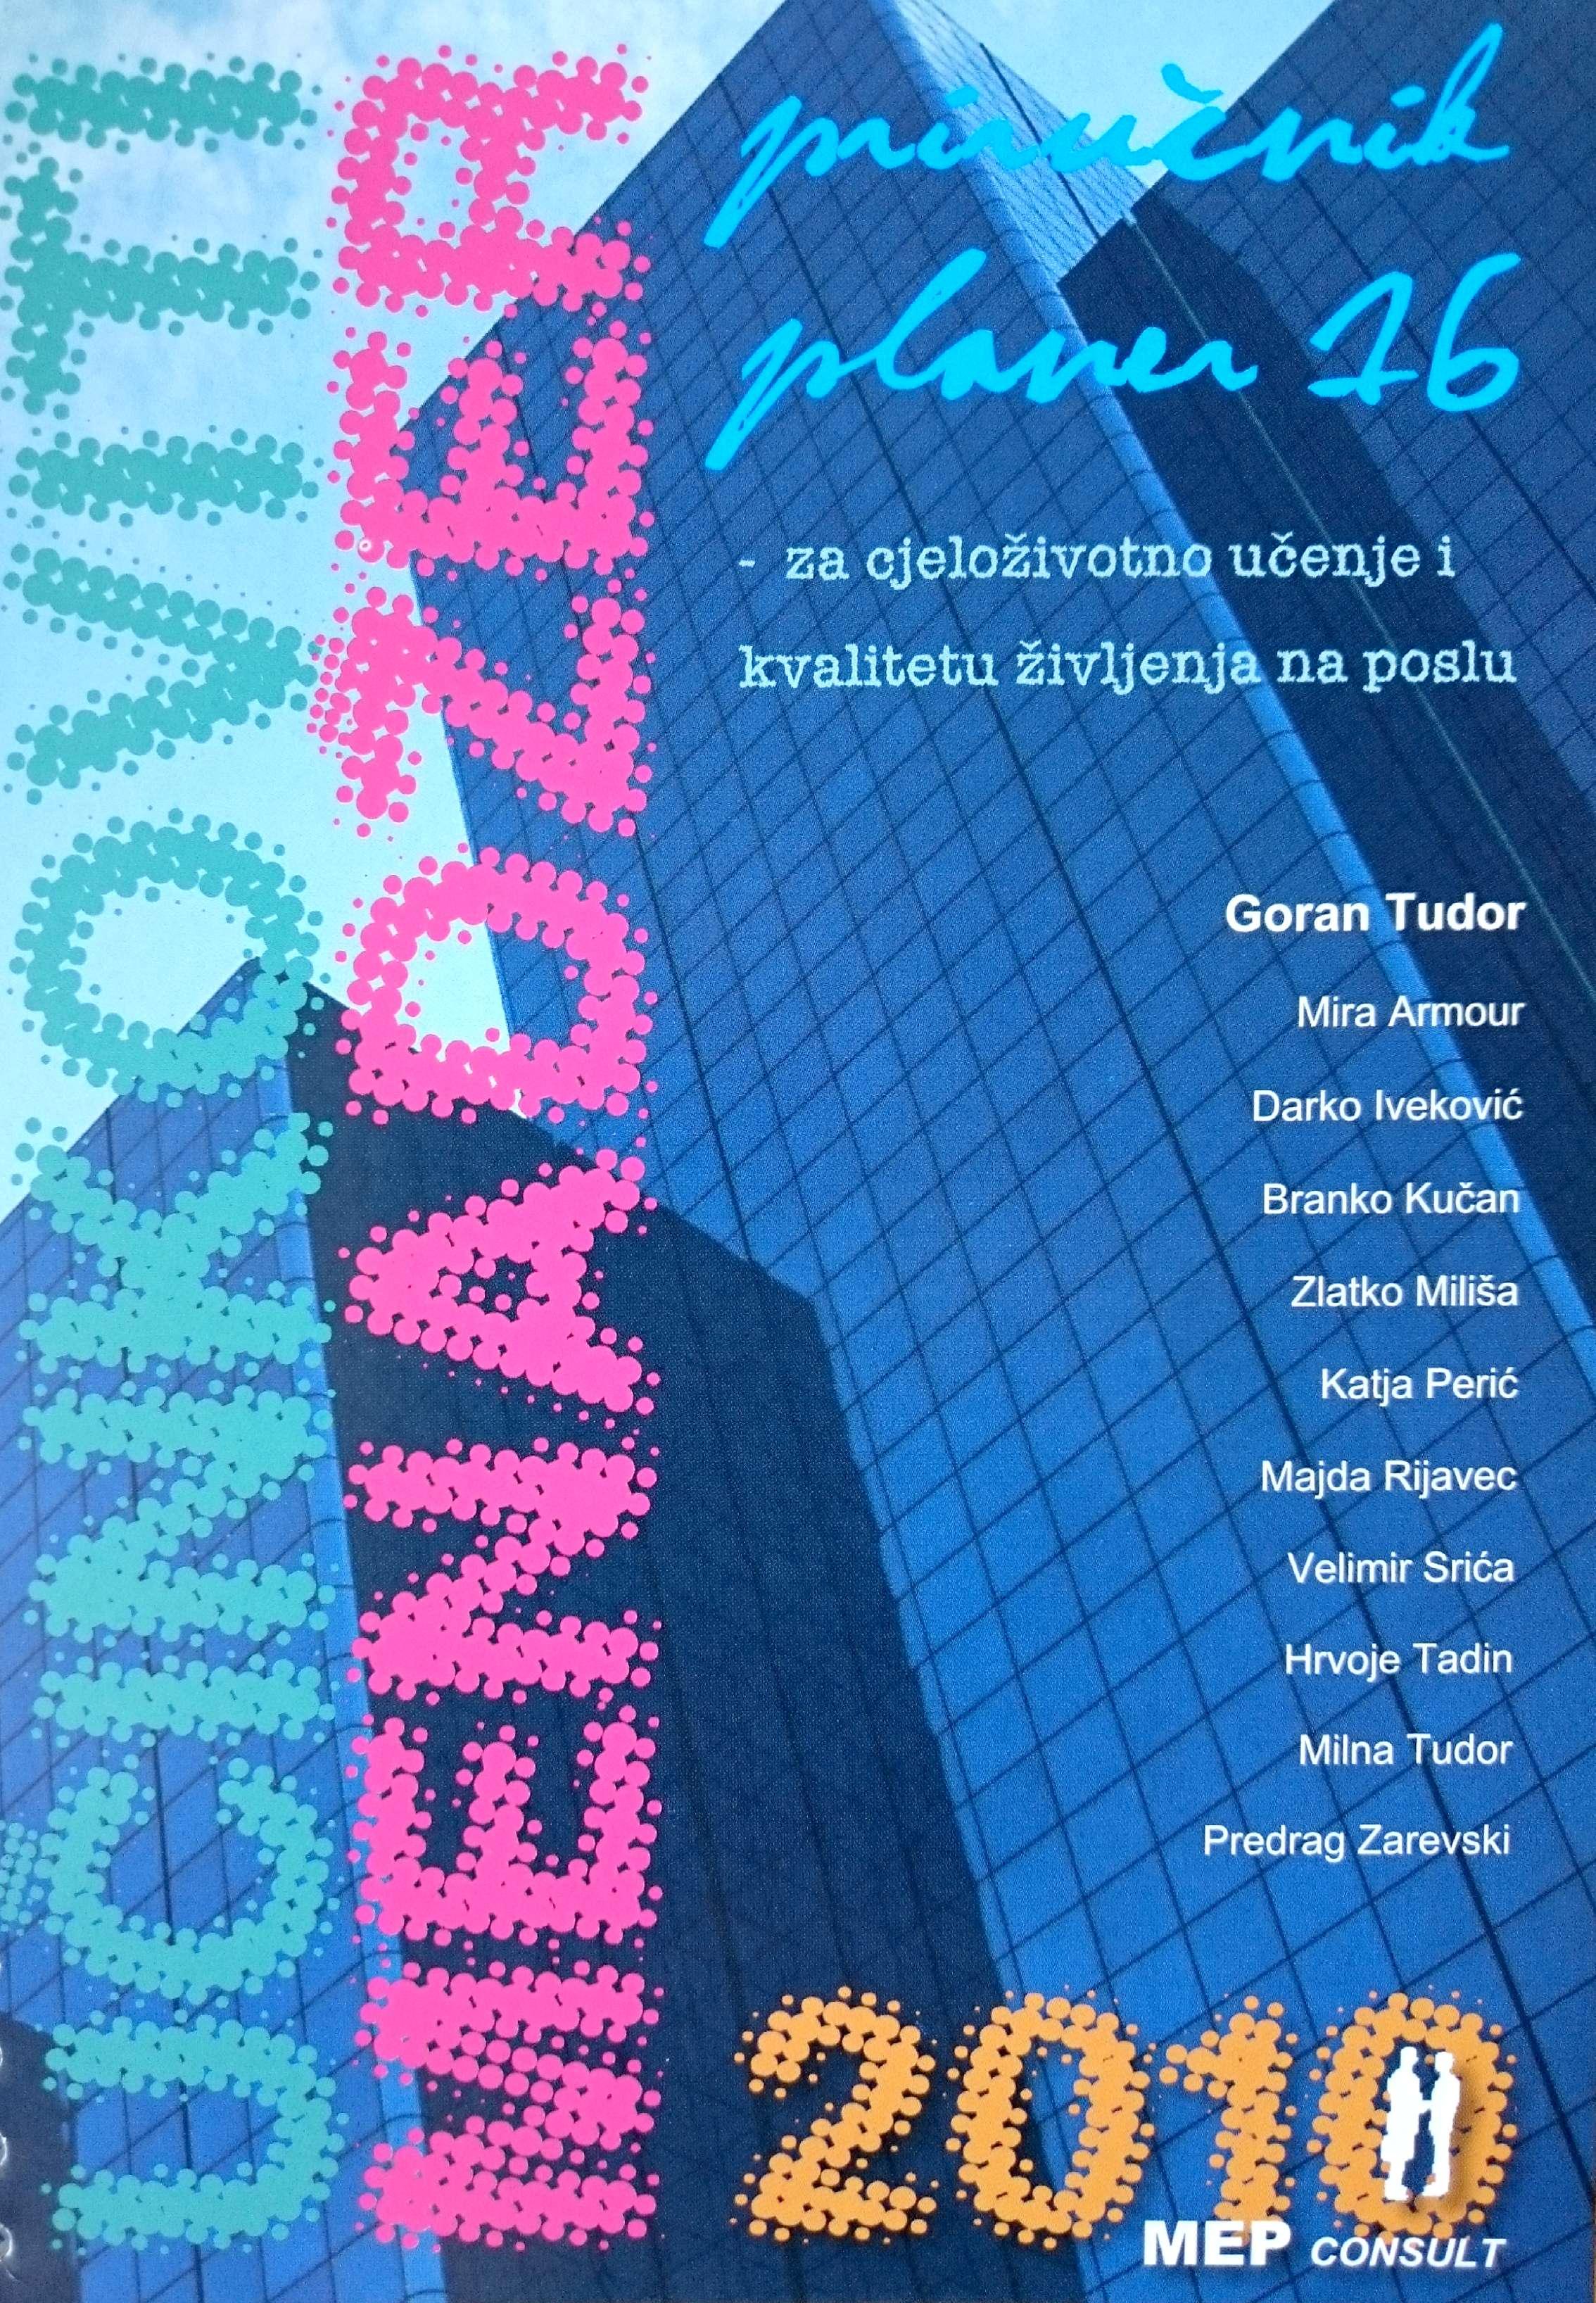 UČINKOVITI MENADŽER 2010 - Naruči svoju knjigu